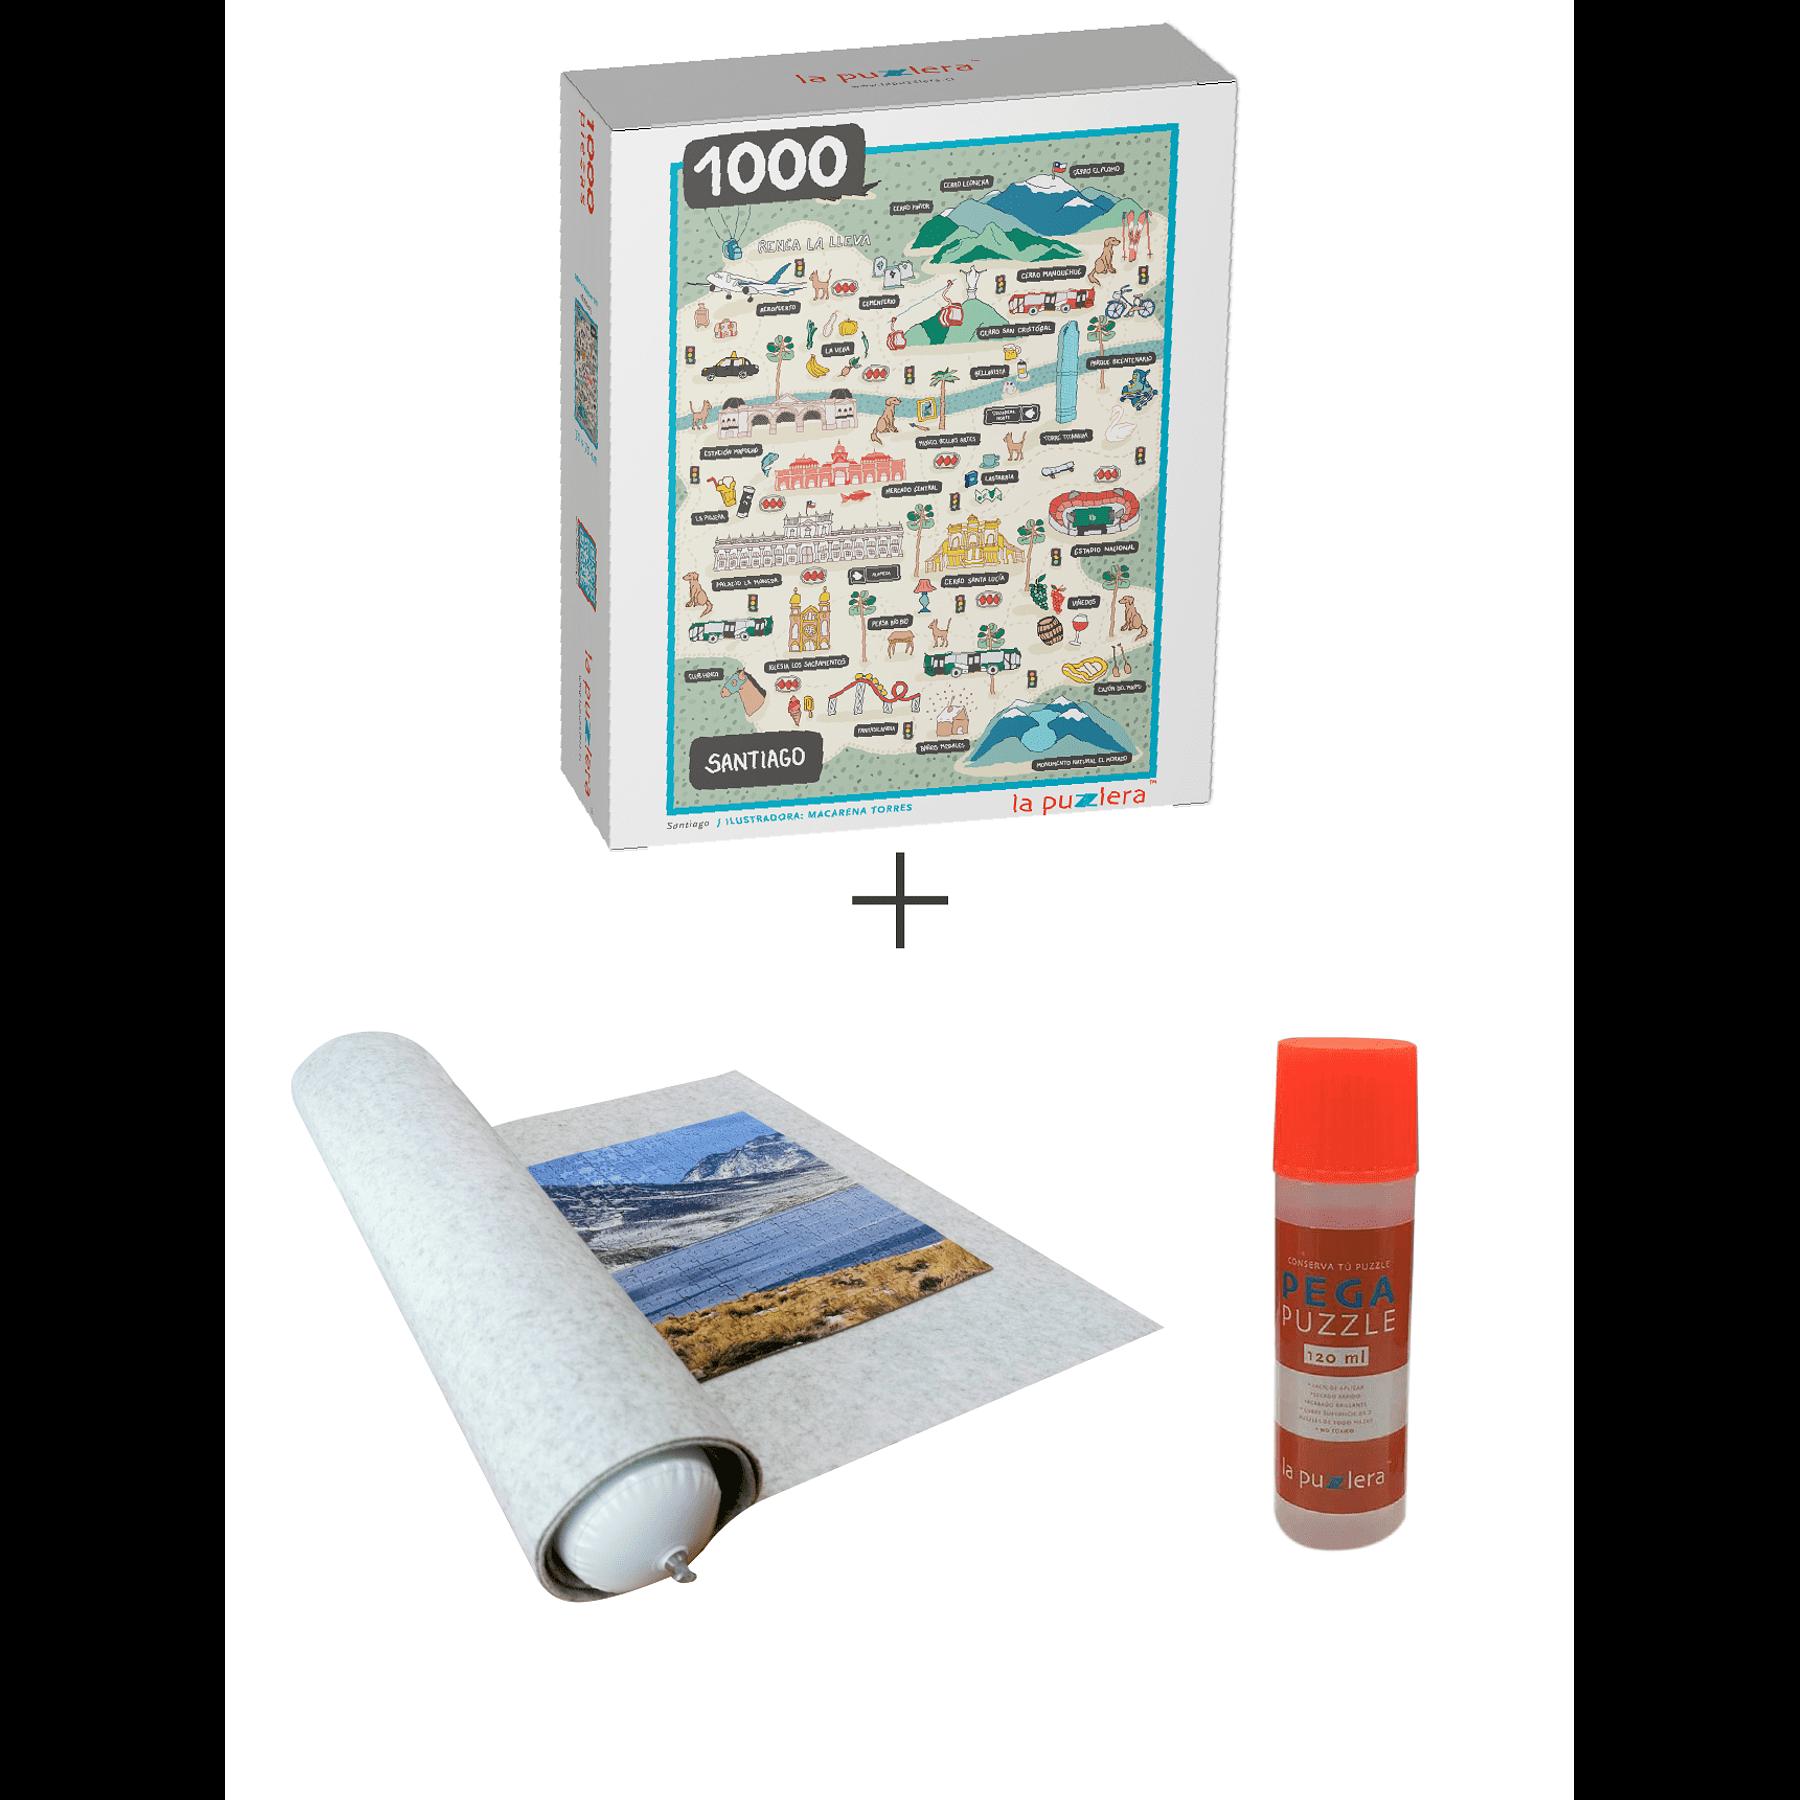 Puzzle 1000 Piezas + Puzzle Mat + Pega Puzzle